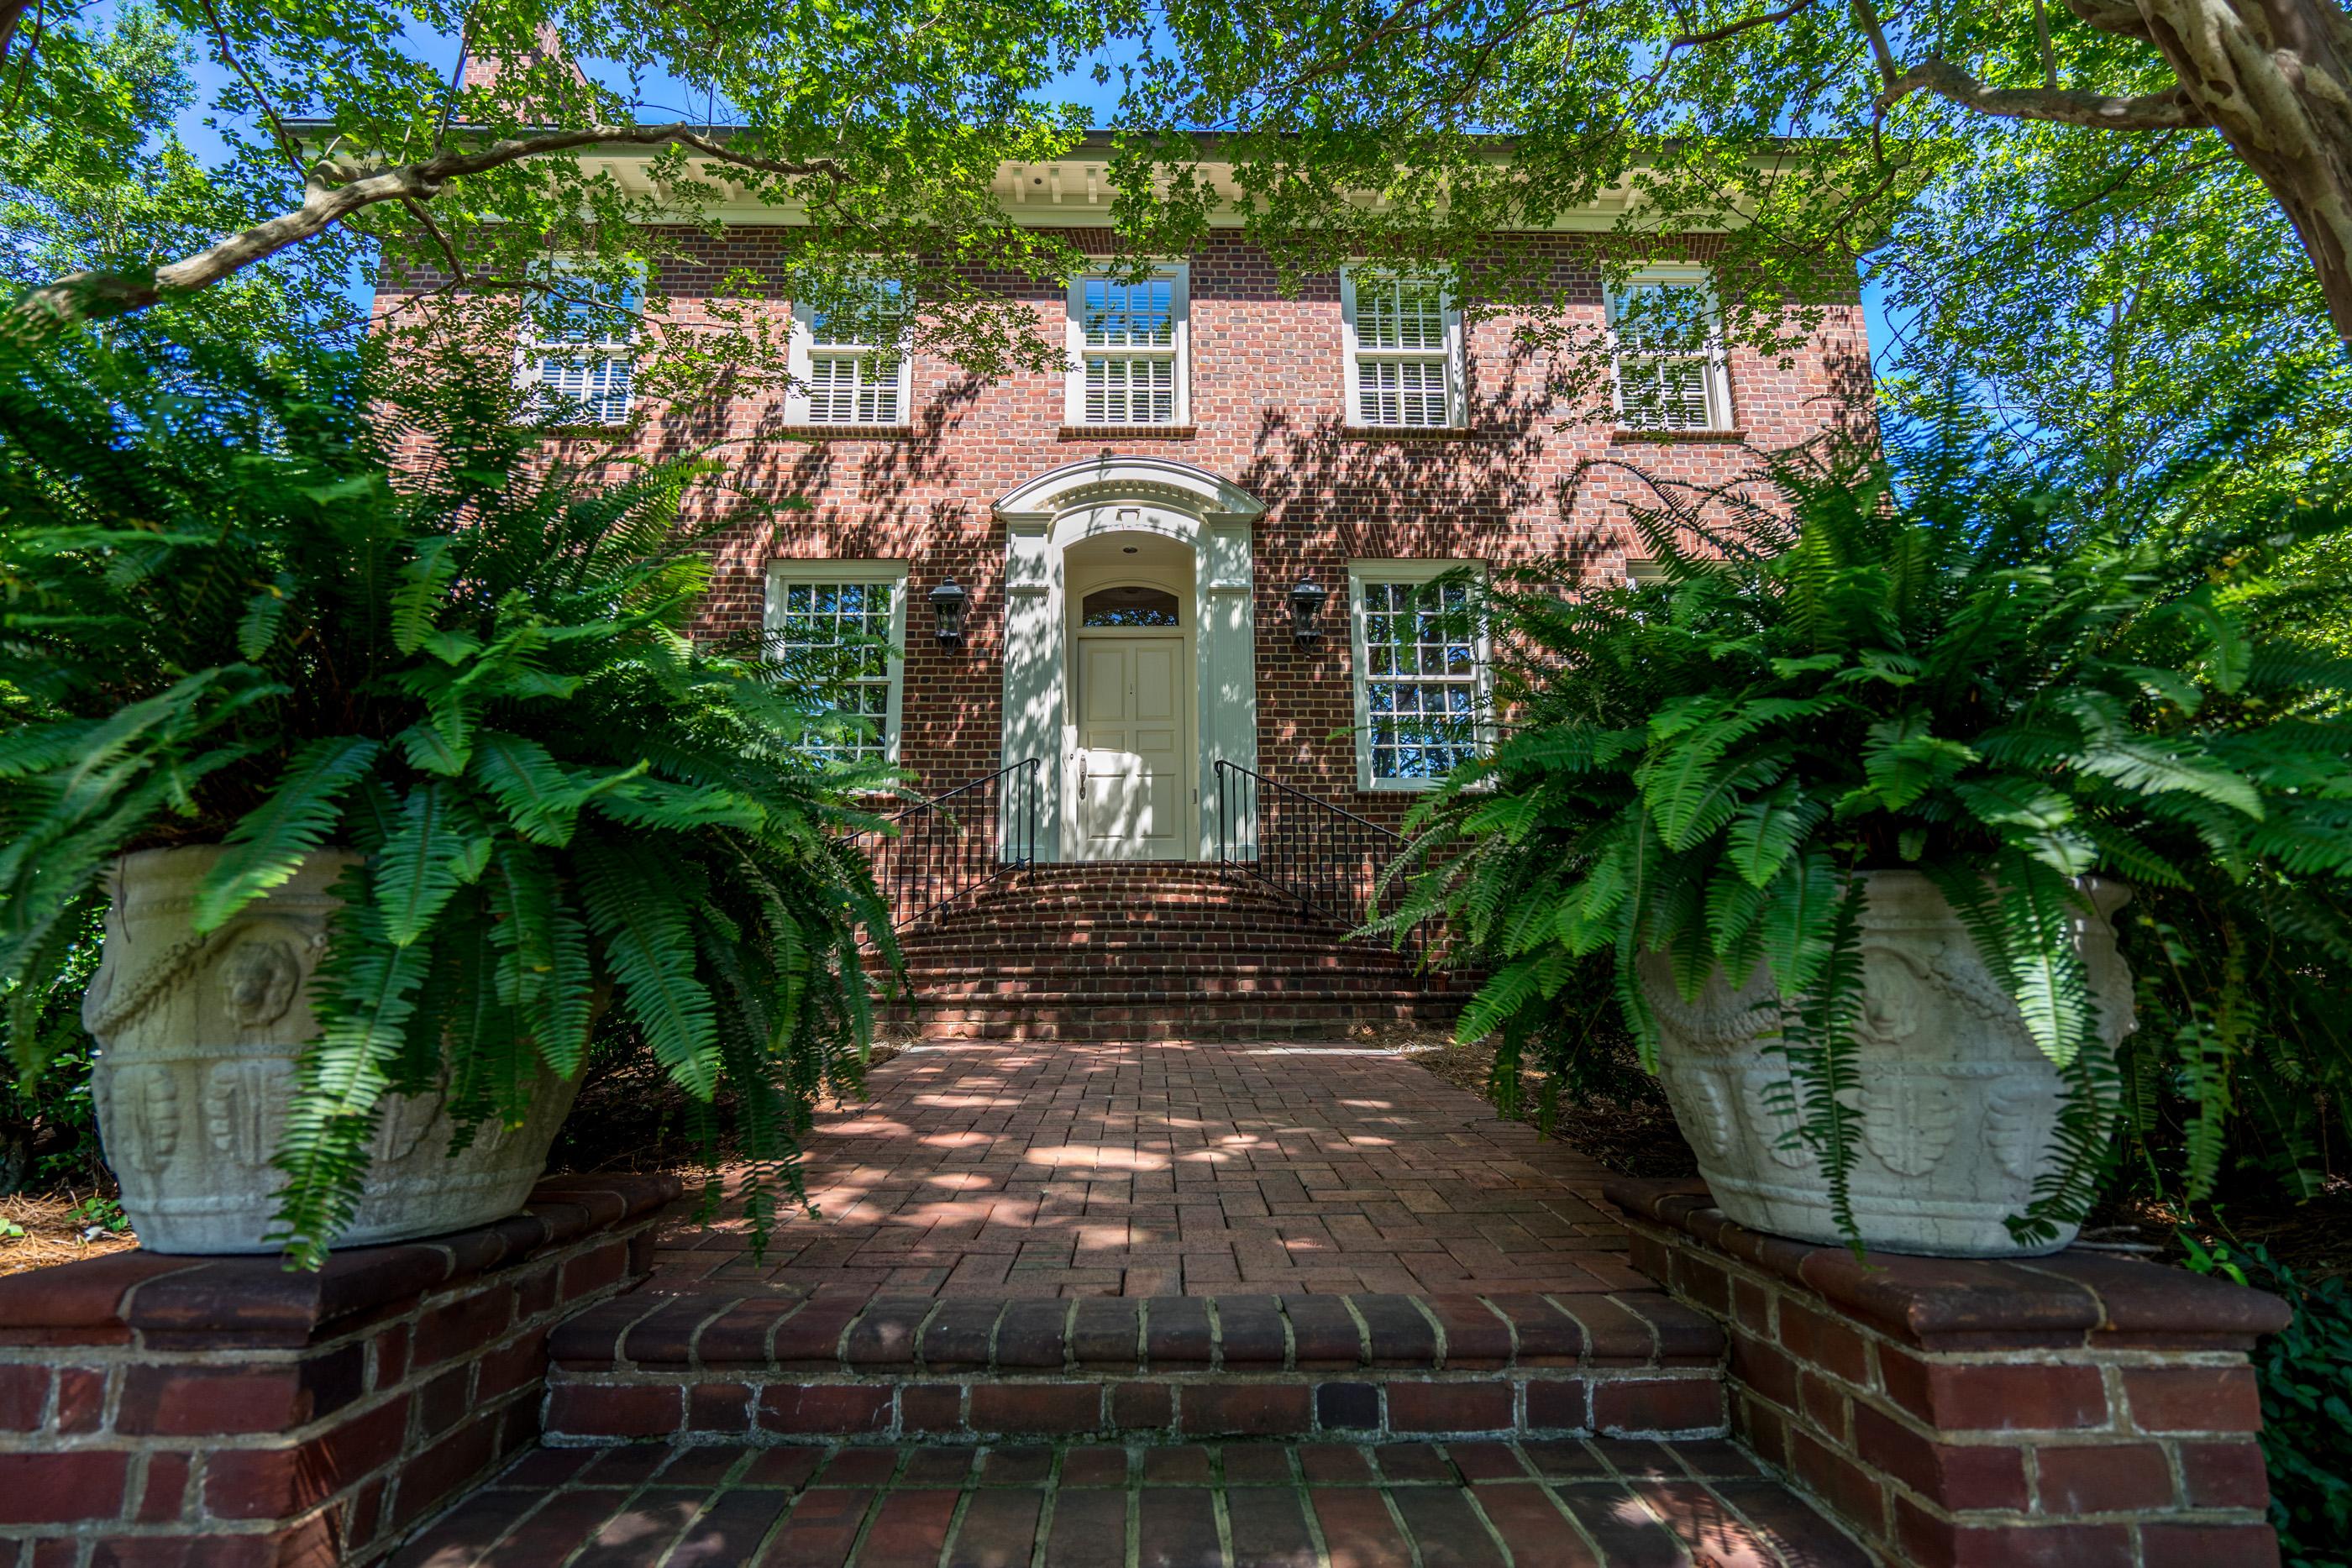 Einfamilienhaus für Verkauf beim Country Club Hills 2815 Lassiter Mill Road Raleigh, North Carolina, 27609 Vereinigte StaatenIn/Rund um: Apex, Cary, Holly Springs, Chapel Hill, Durham